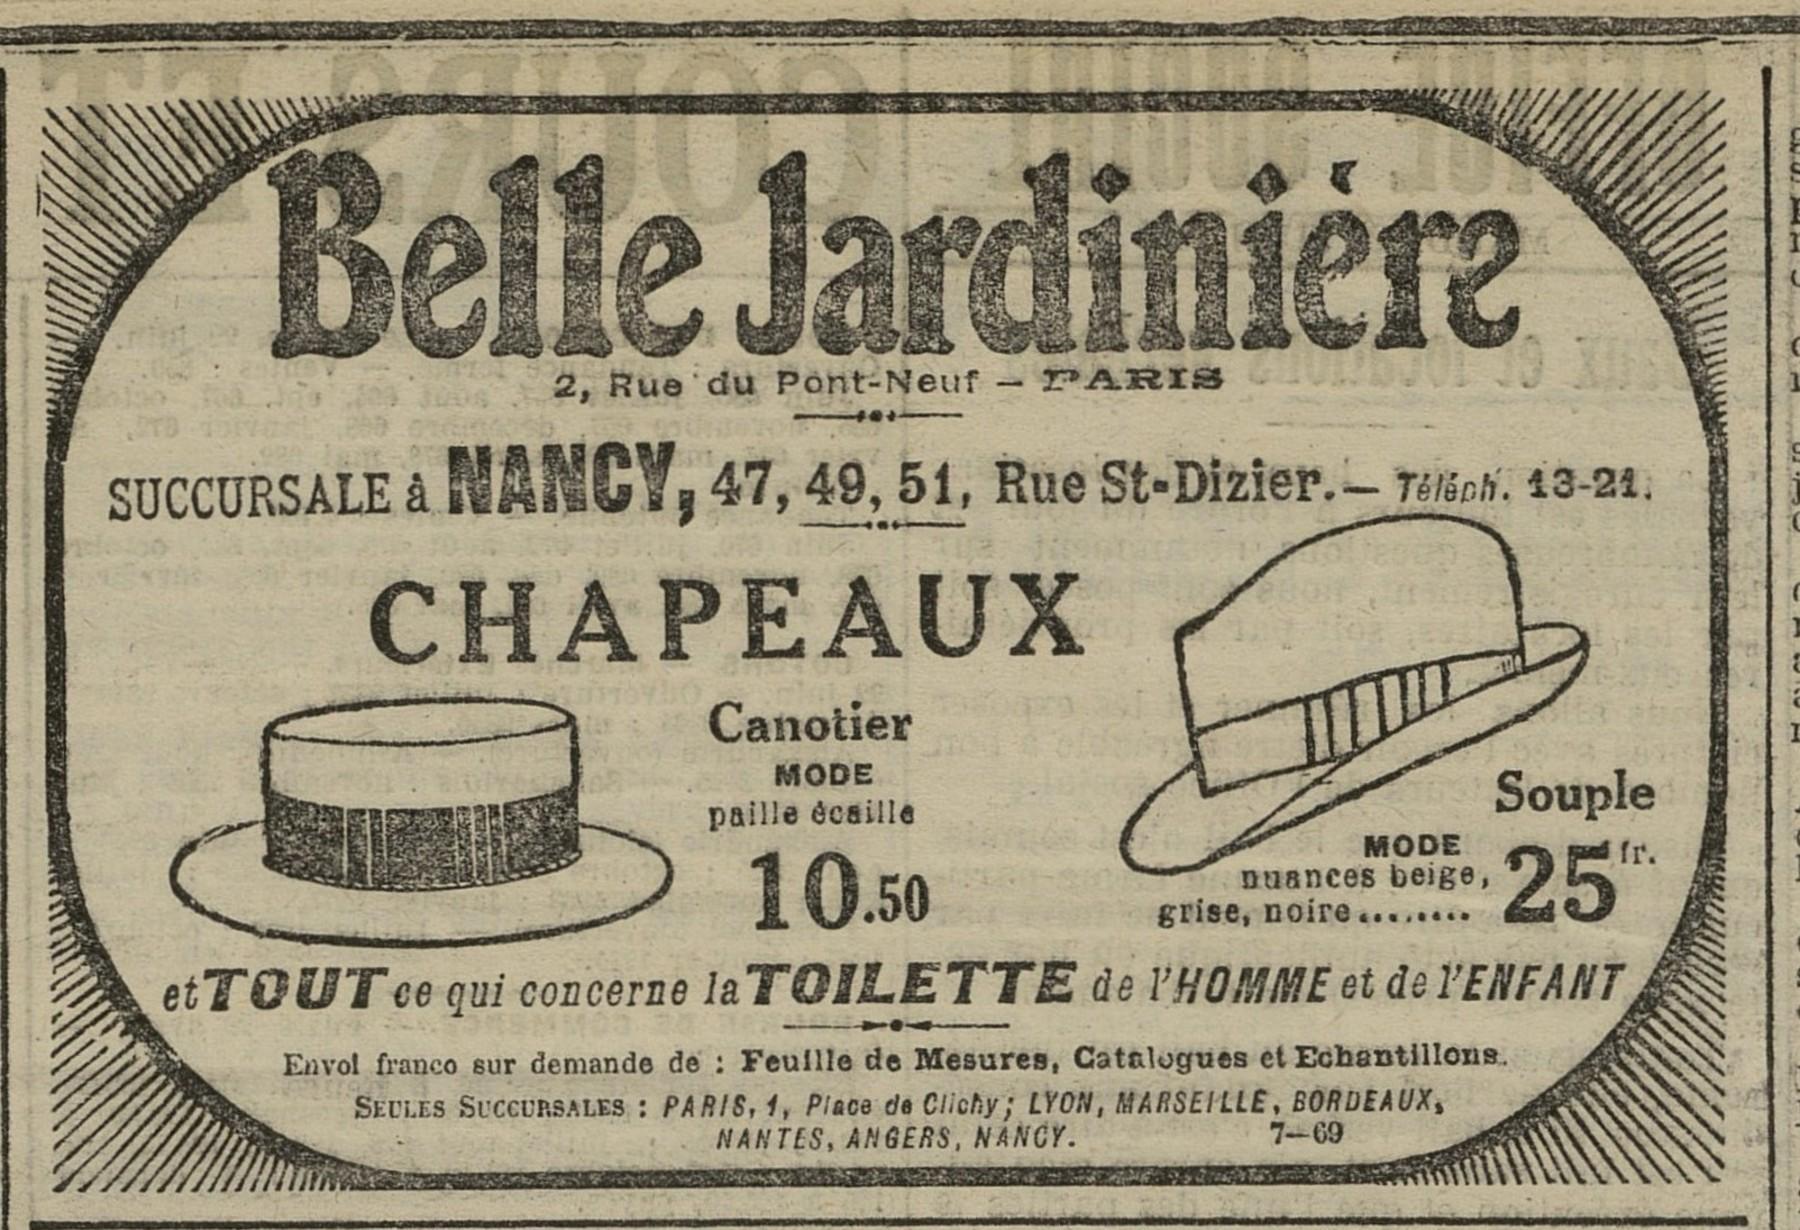 Contenu du Chapeaux Belle Jardinière